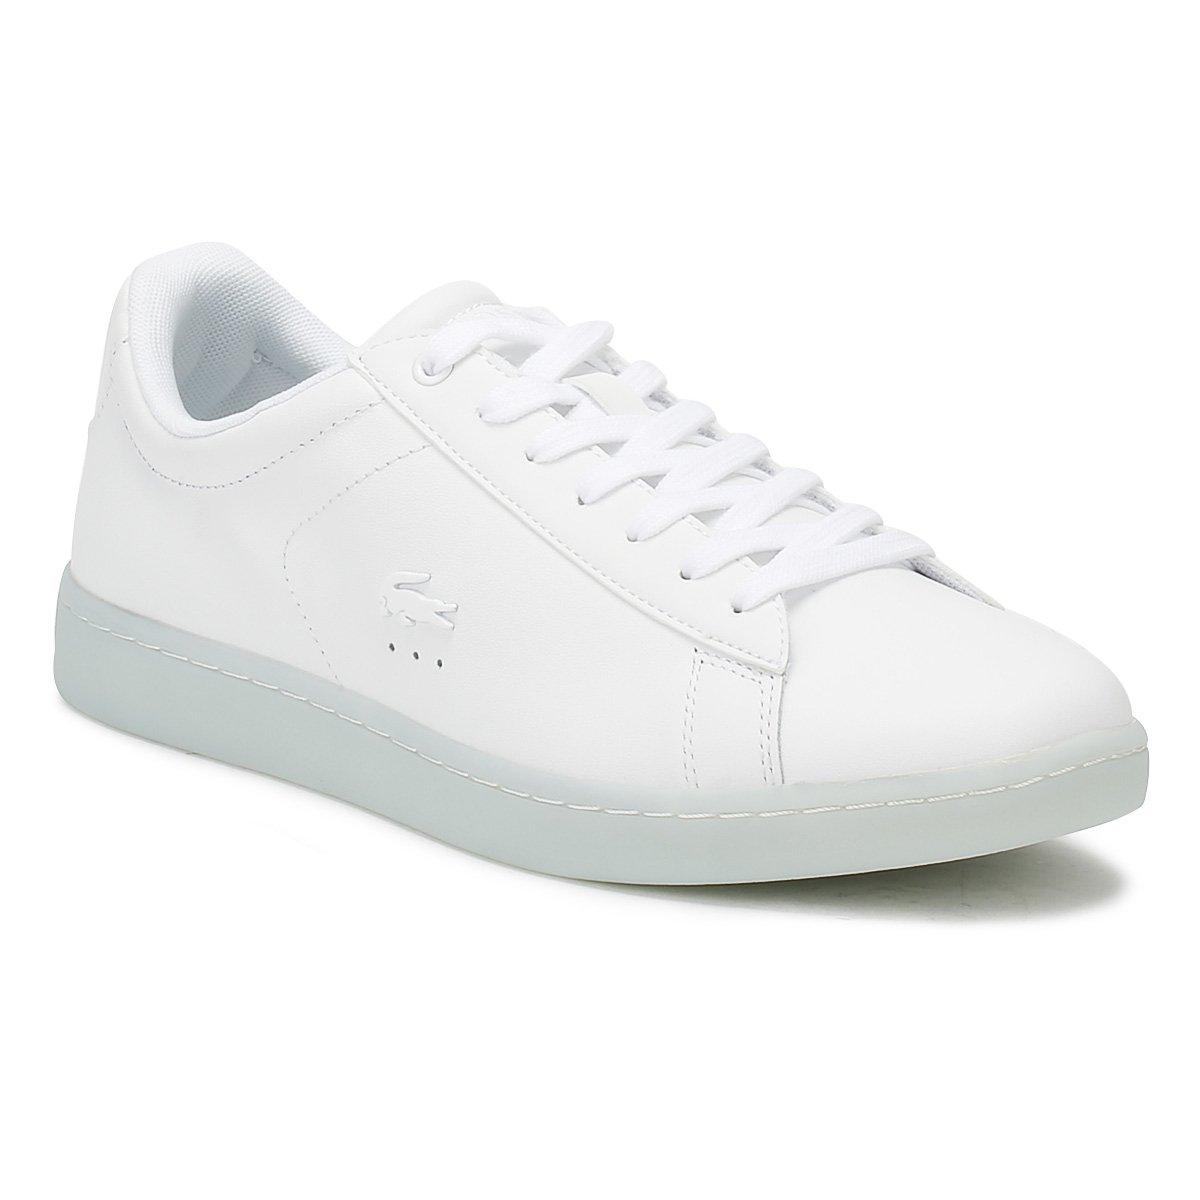 Lacoste Mujer Blanco / Light Azul Carnaby EVO 118 3 Zapatillas: Amazon.es: Zapatos y complementos